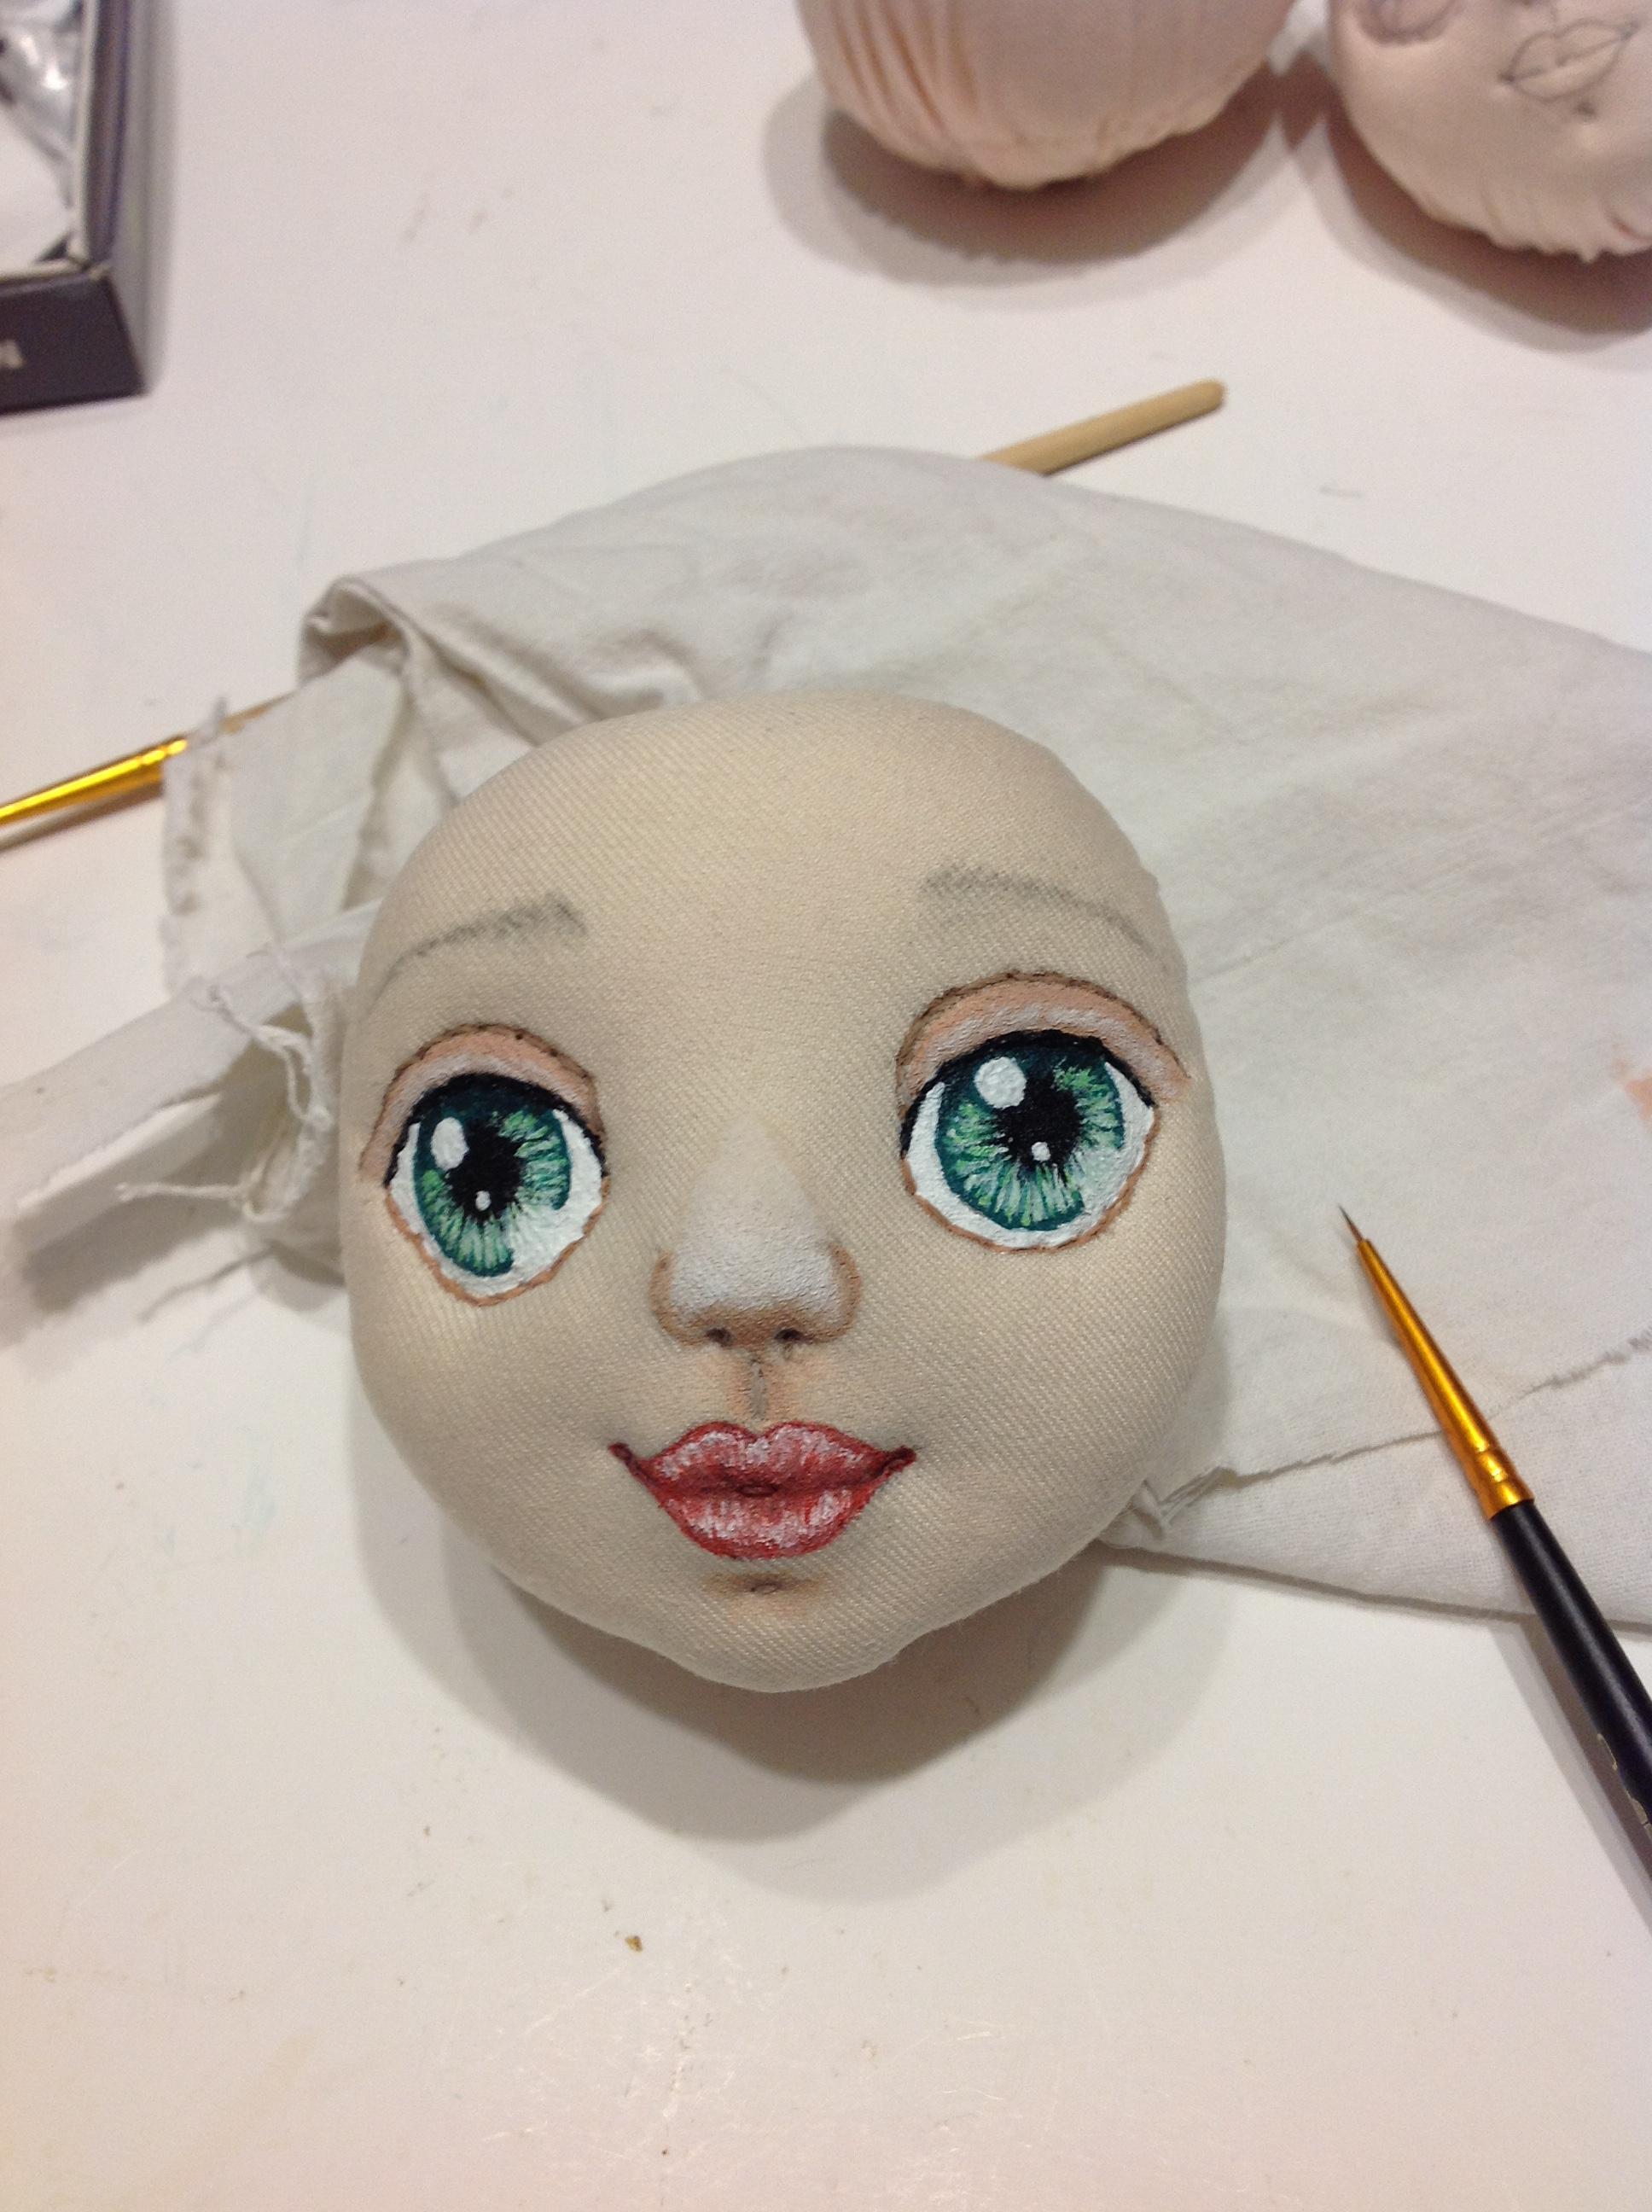 Как нарисовать кукле лицо своими руками 16